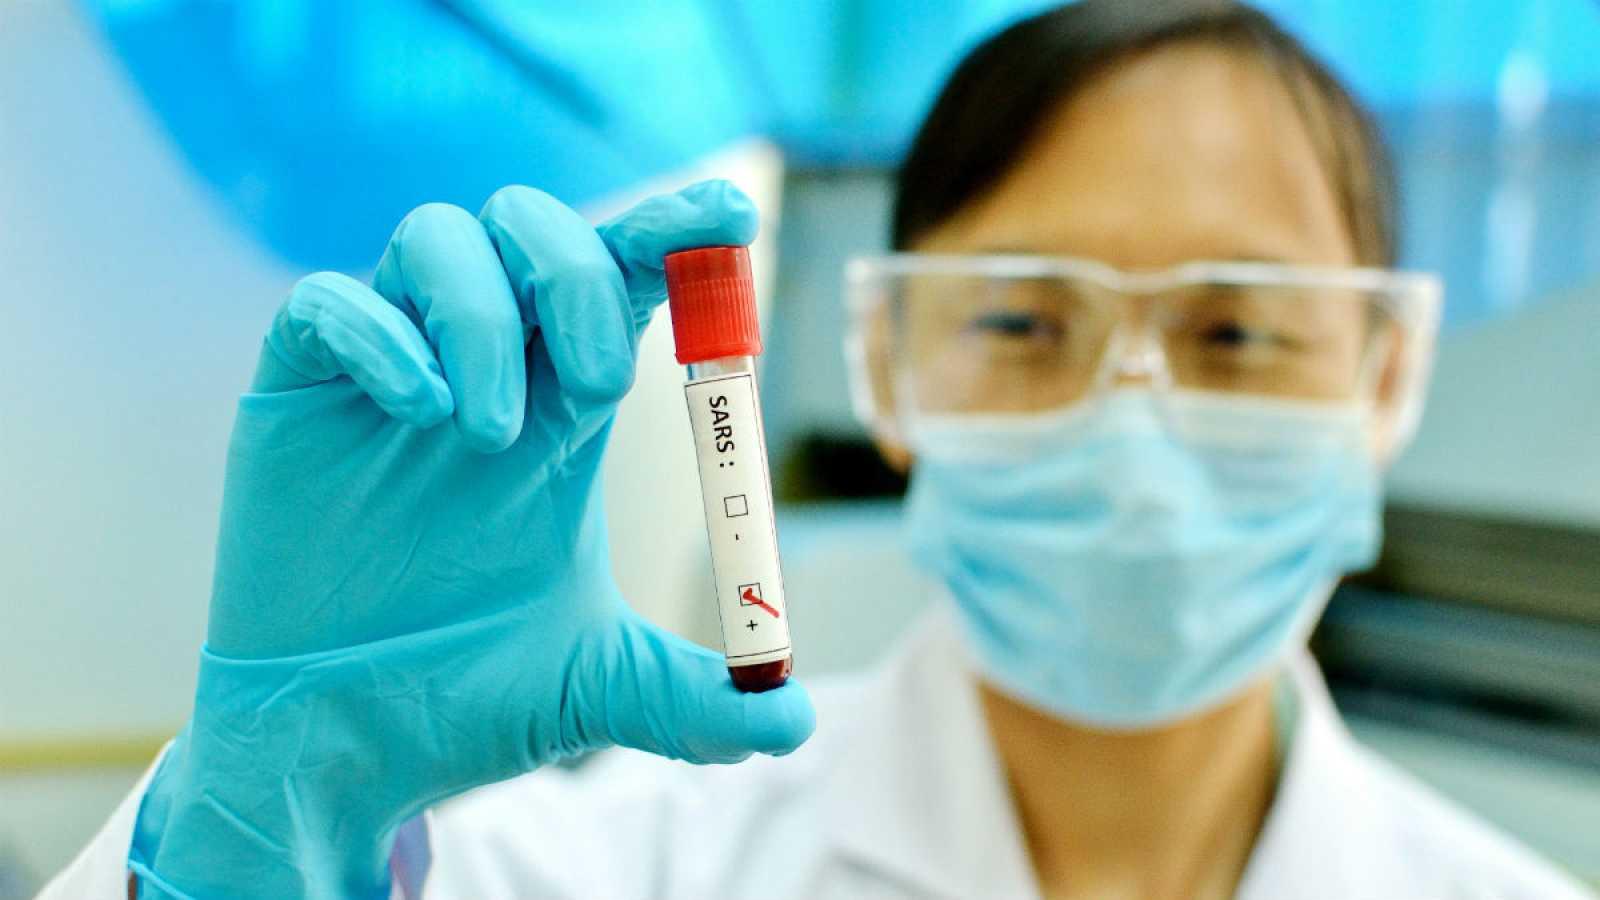 """Una mujer sostiene uuna muestra en la que se puede leer una etiqueta con """"SARS"""": síndrome agudo respiratorio grave."""